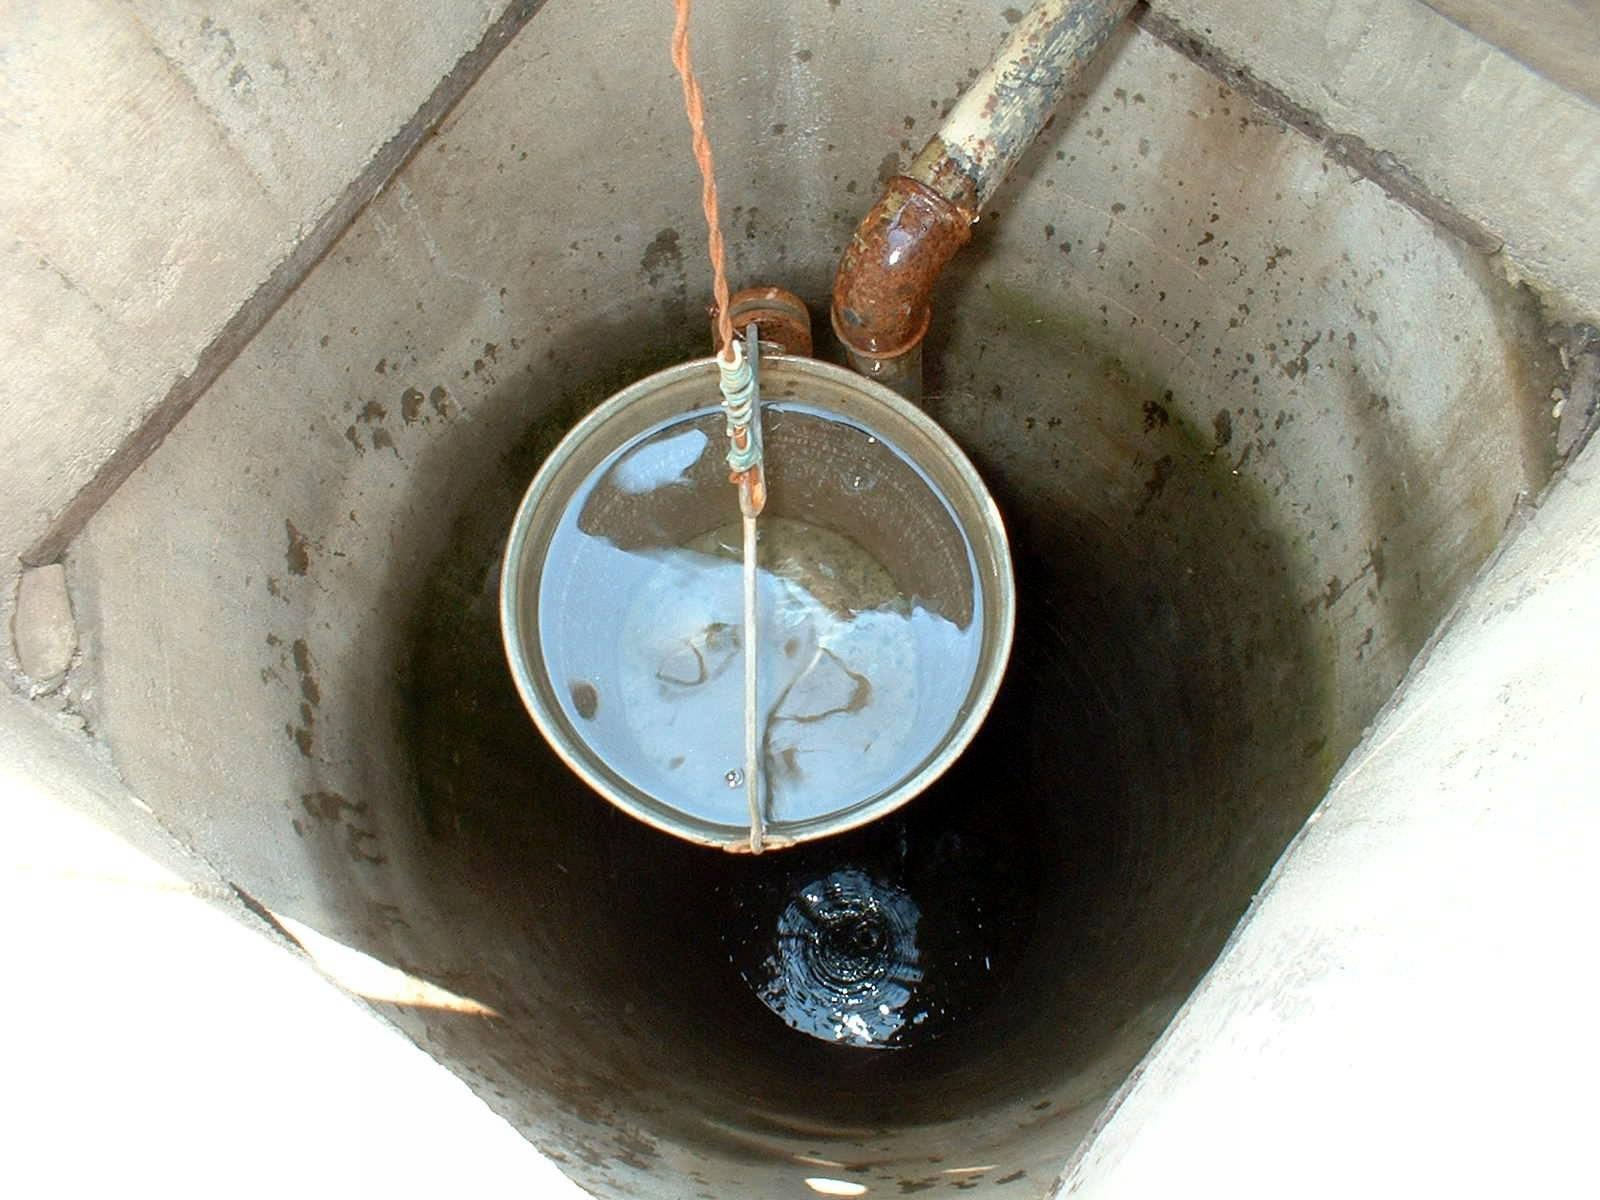 Анализ воды из колодца: на какие показатели проверять   гидро гуру